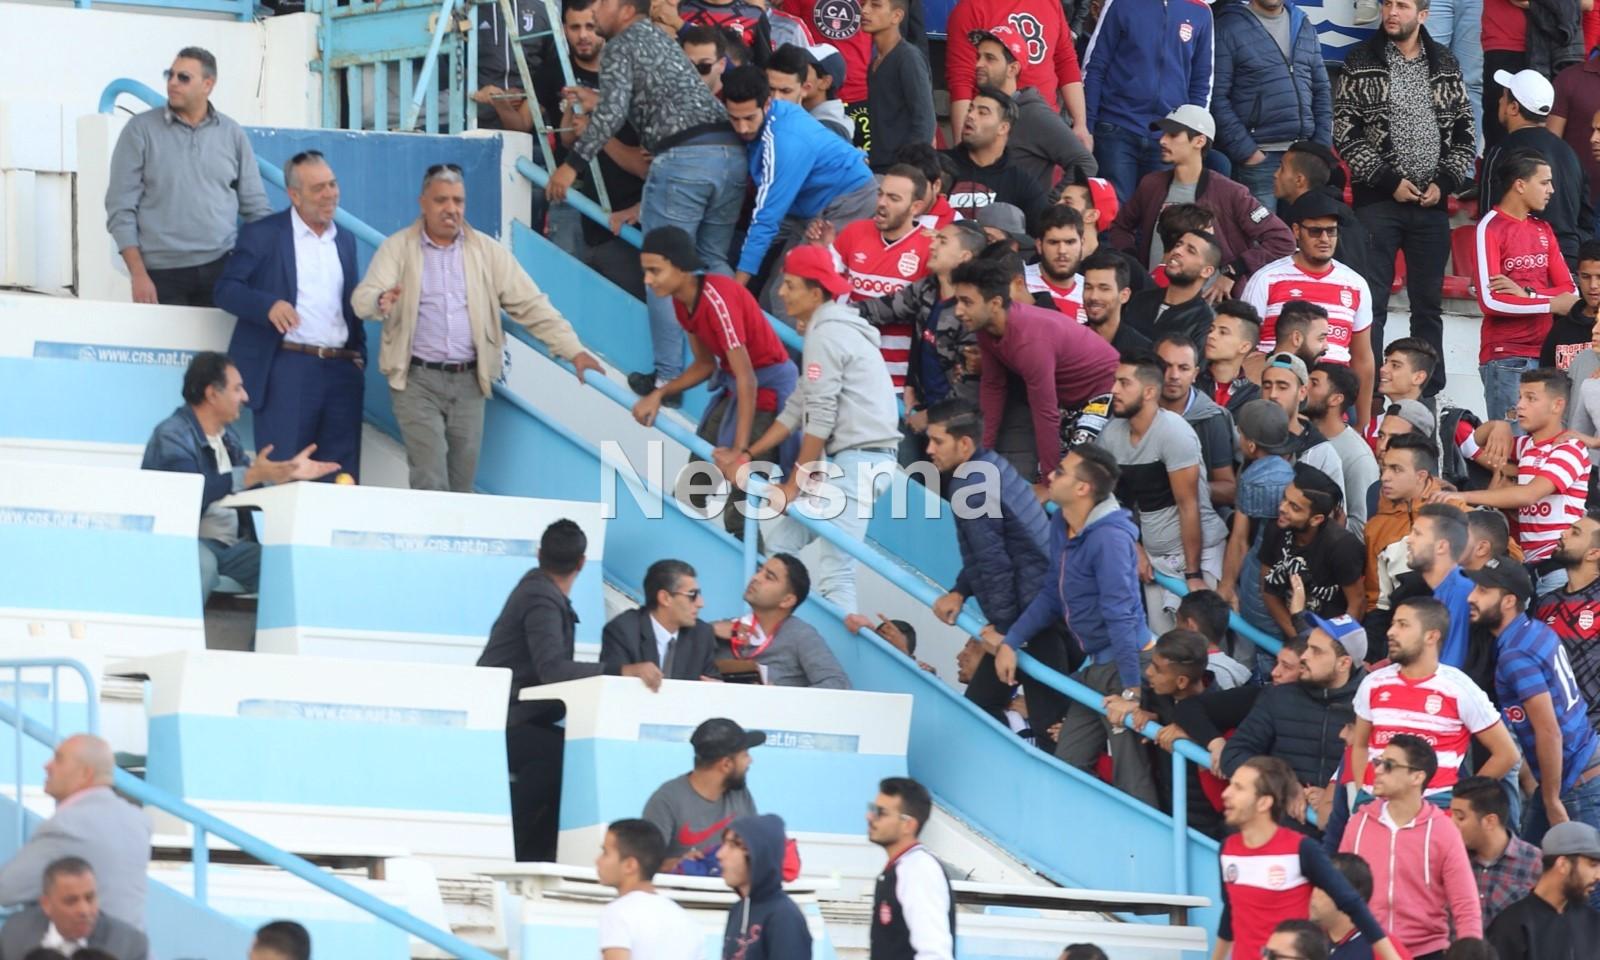 صور من مباراة مستقبل قابس و النادي الإفريقي